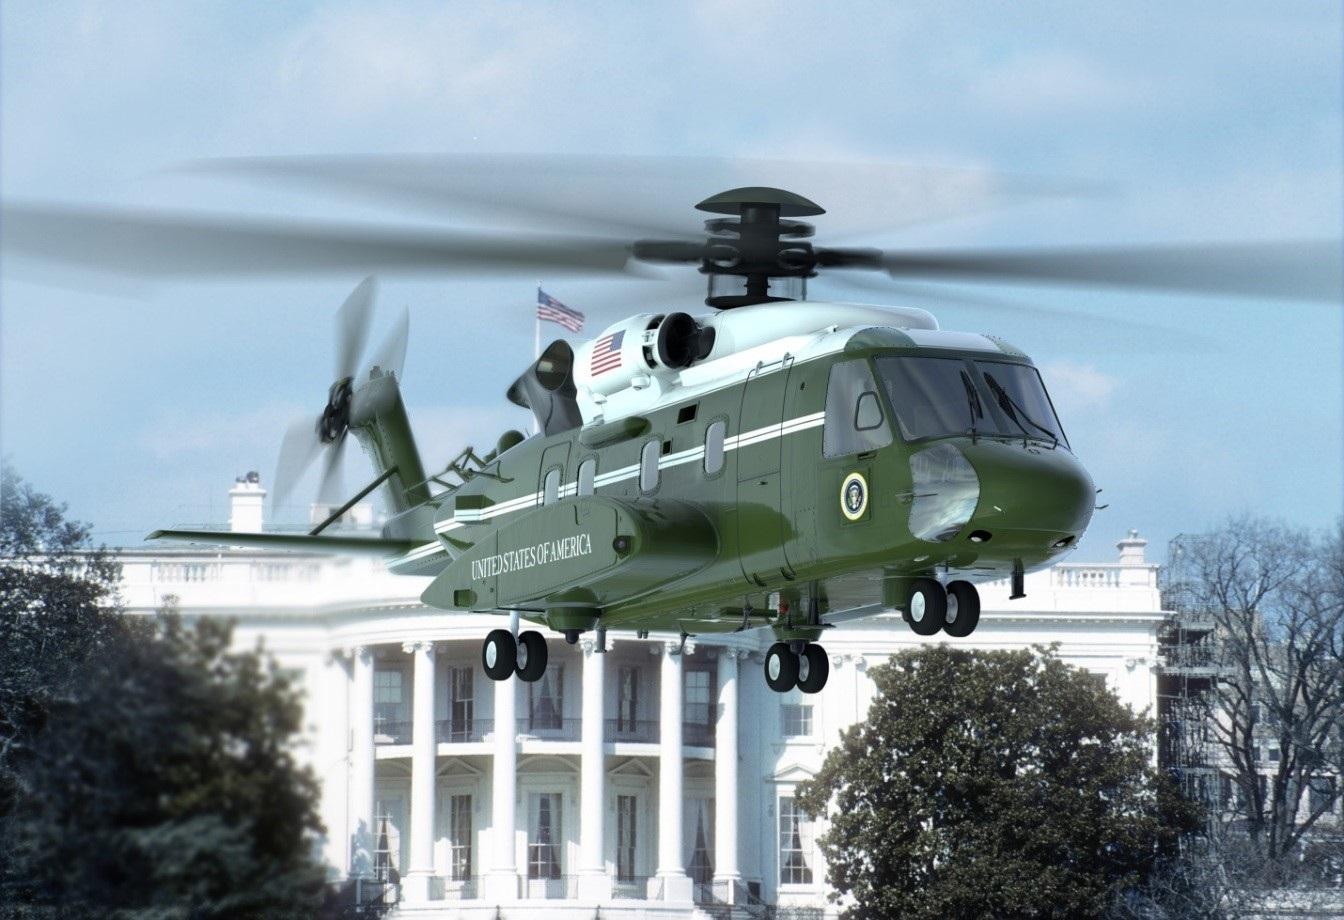 Графическое изображение создаваемого вертолета Lockheed Martin (Sikorsky) VH-92A для перевозки президента США.